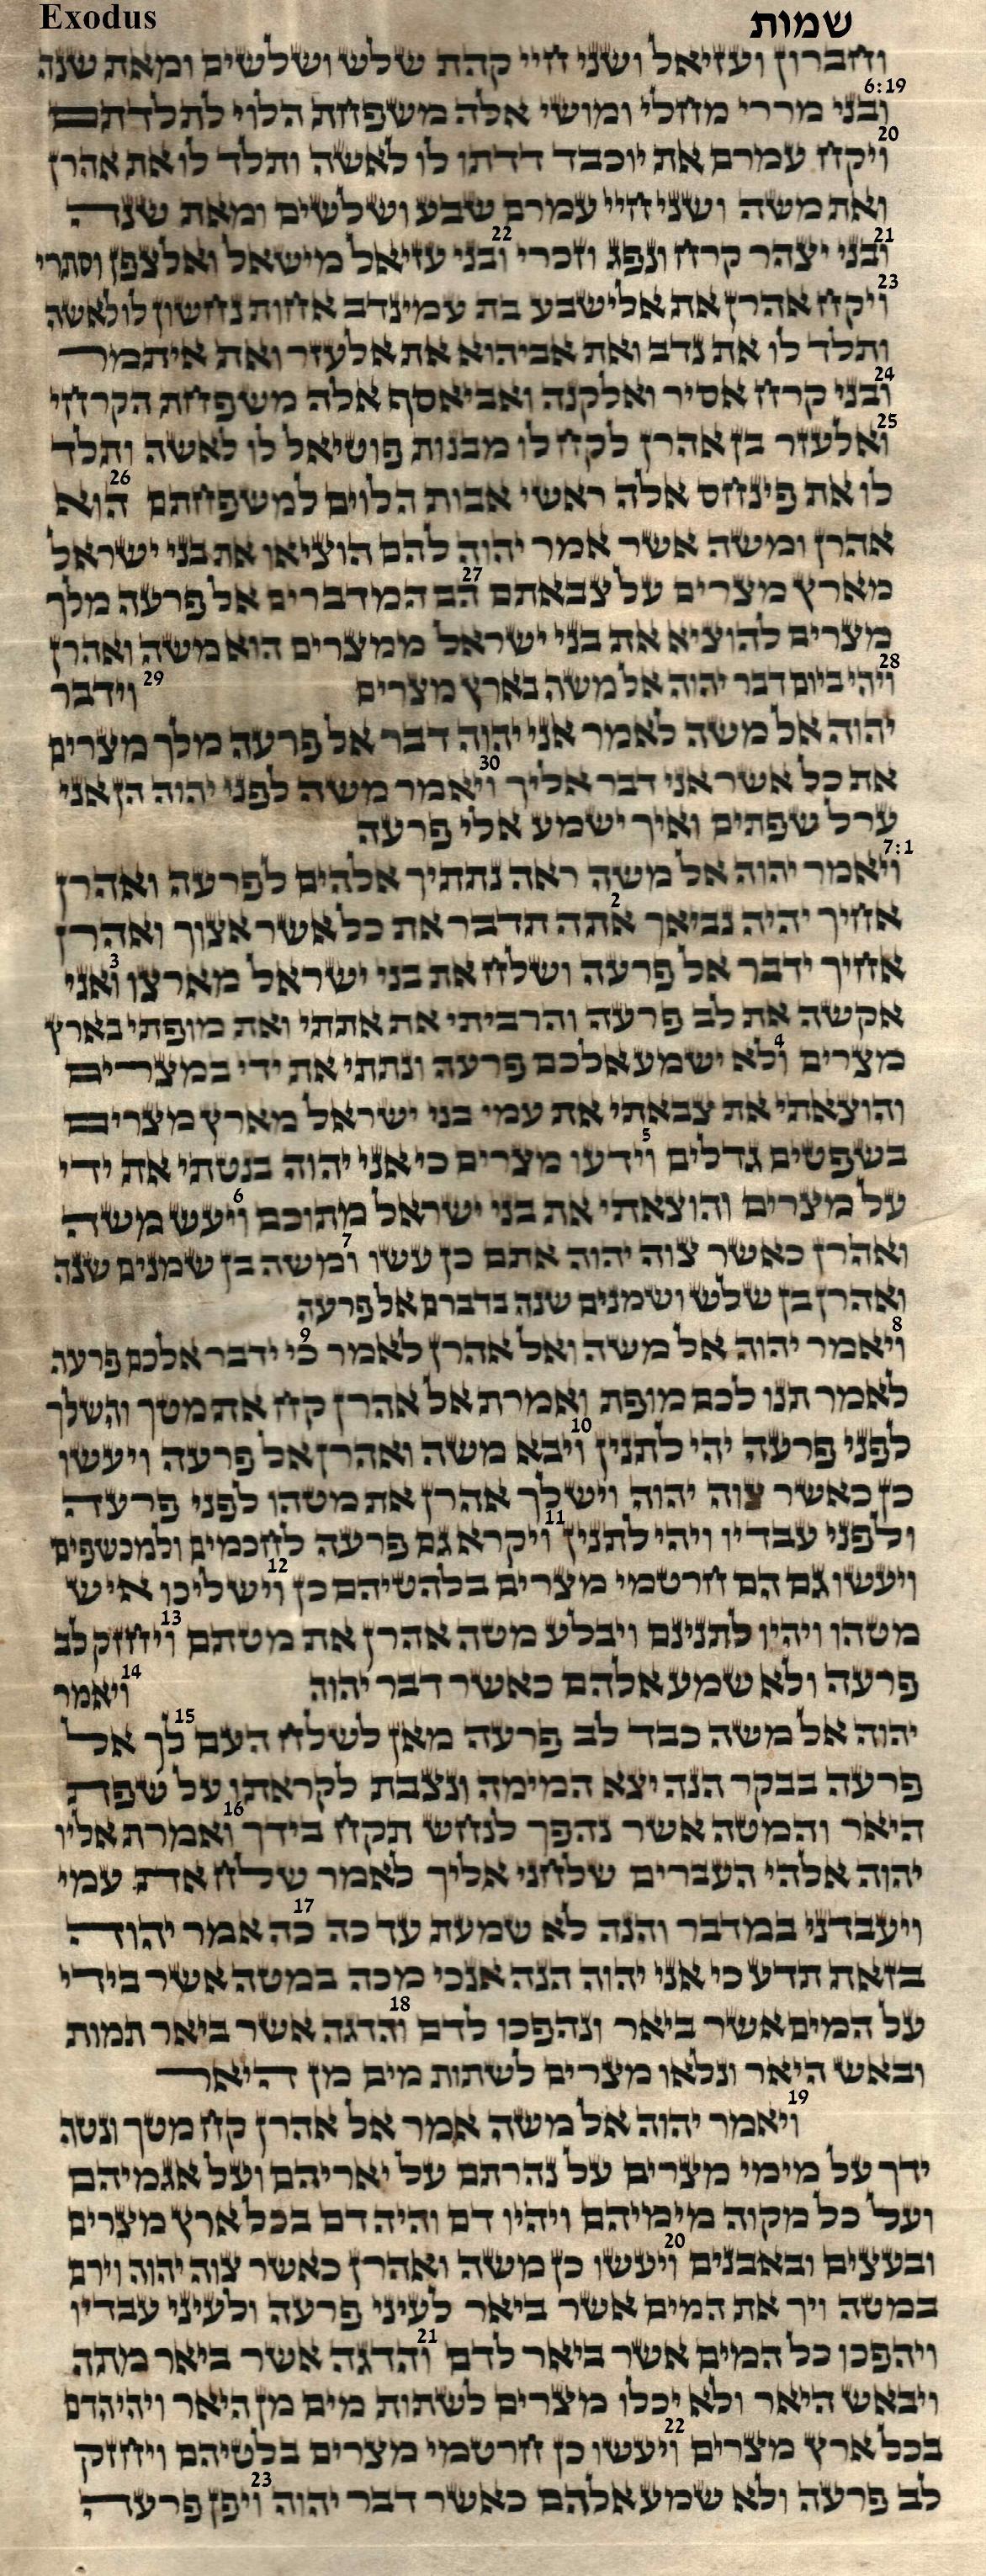 Exodus 6.19 - 7.23